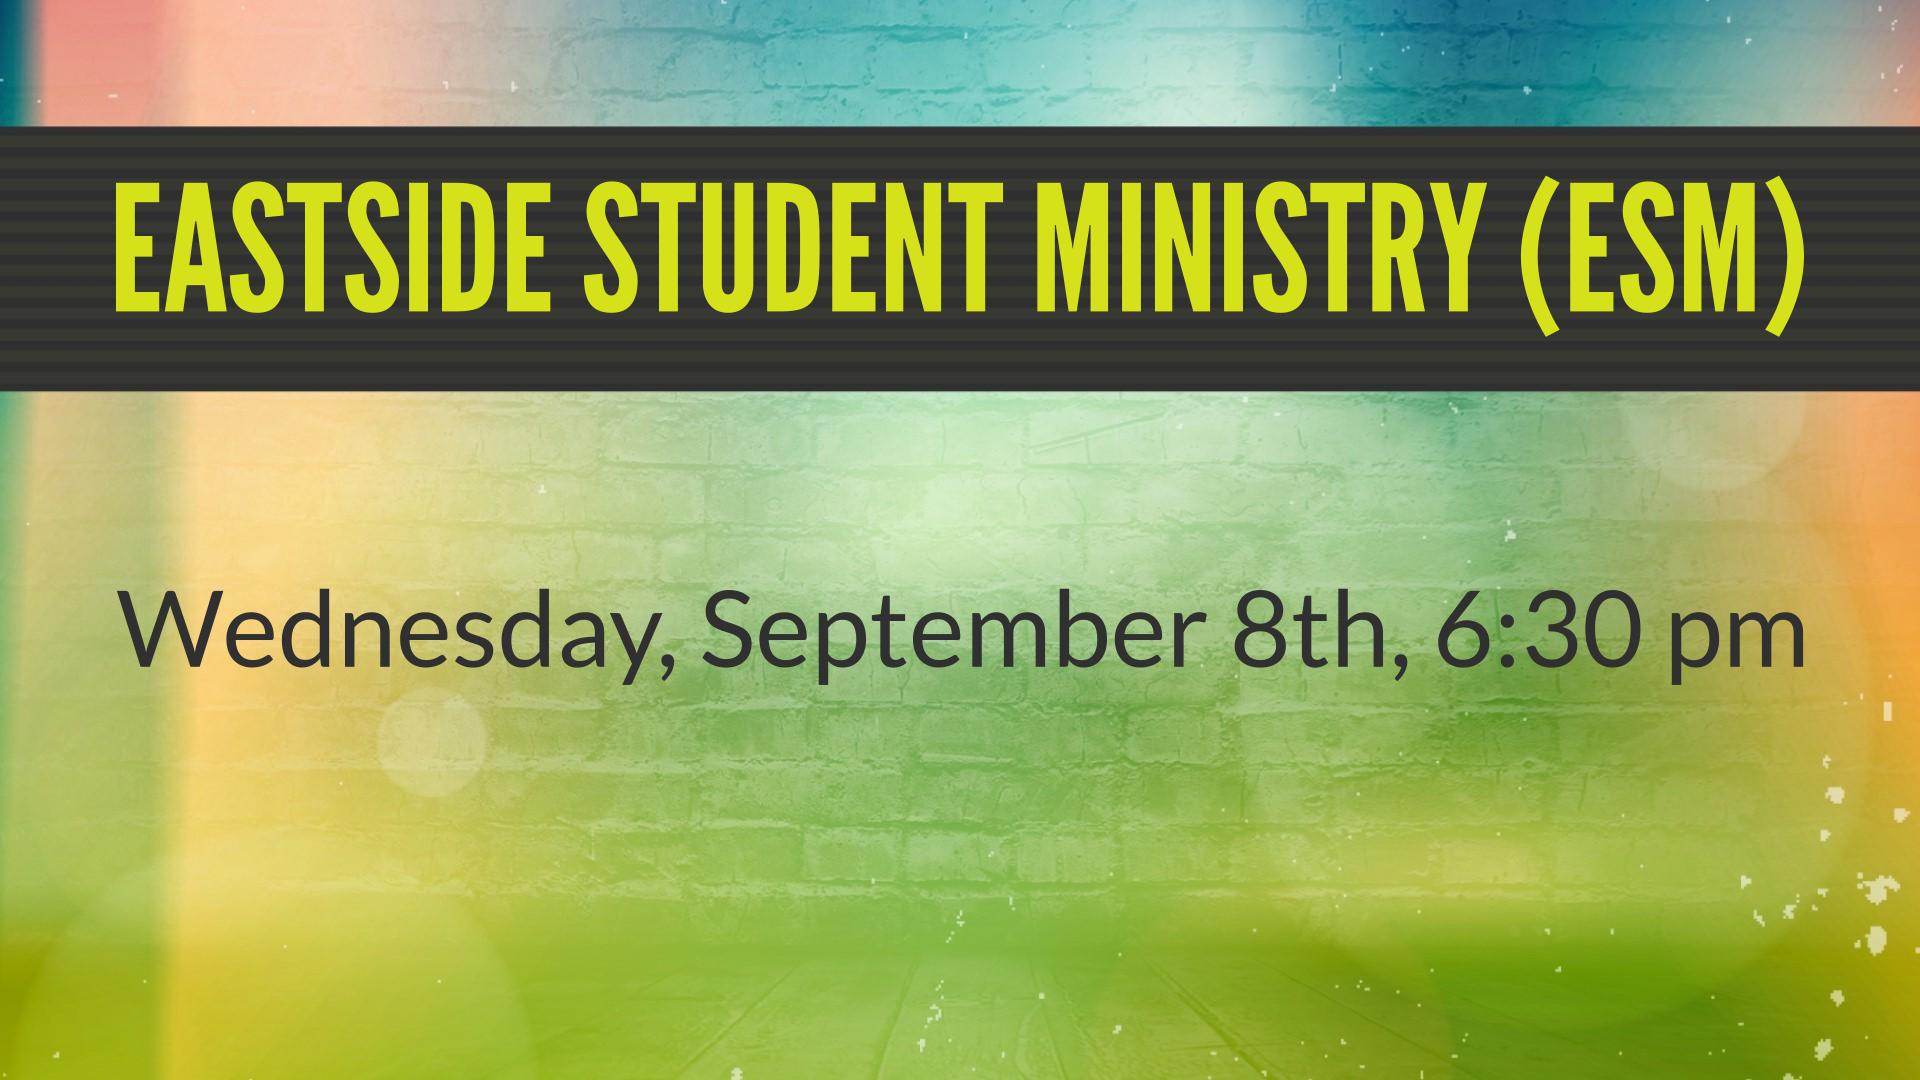 Eastside Student Ministry (ESM)